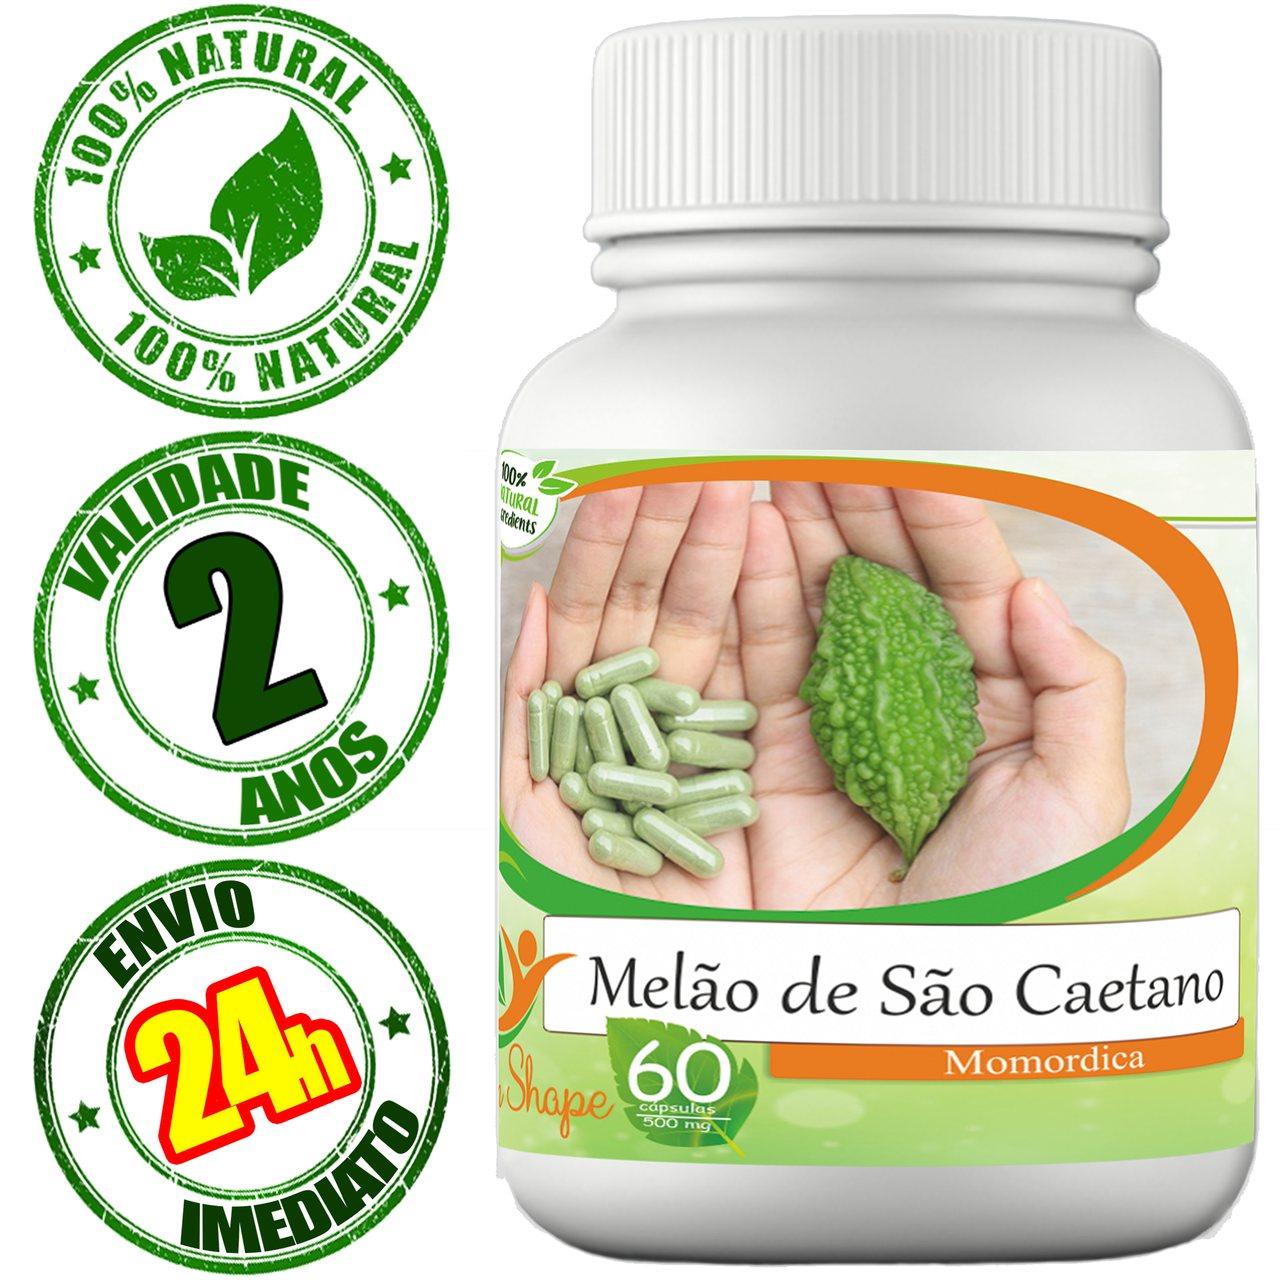 2 frascos de Melão de São Caetano 60 cápsulas cada frasco